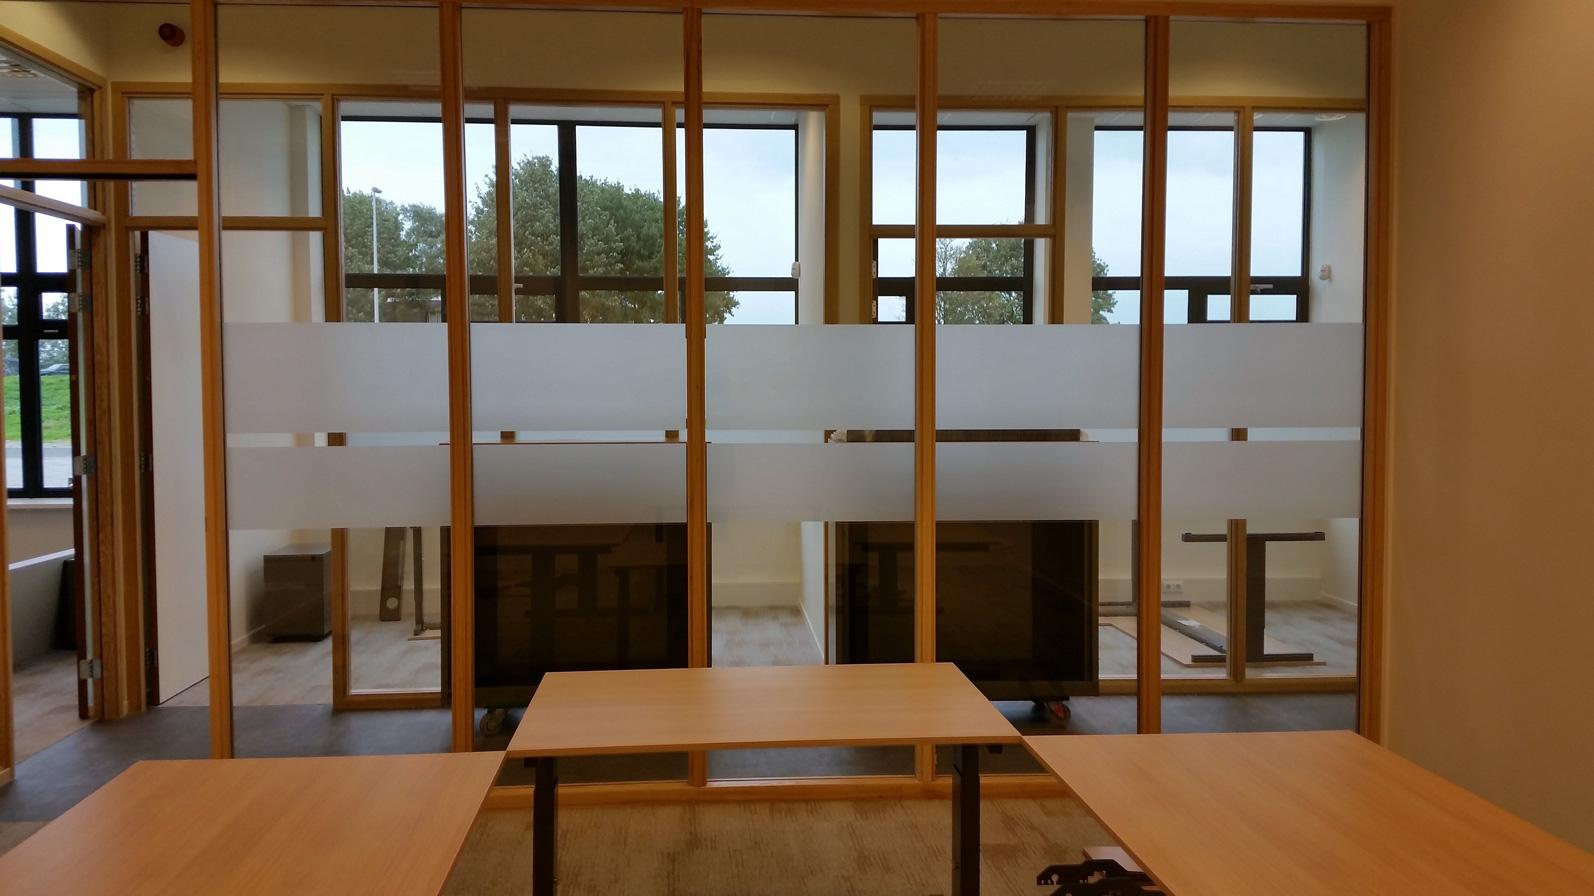 Raamfolie idee n te gebruiken voor eigen raamfolie ontwerp - Deco kamer kantoor ...